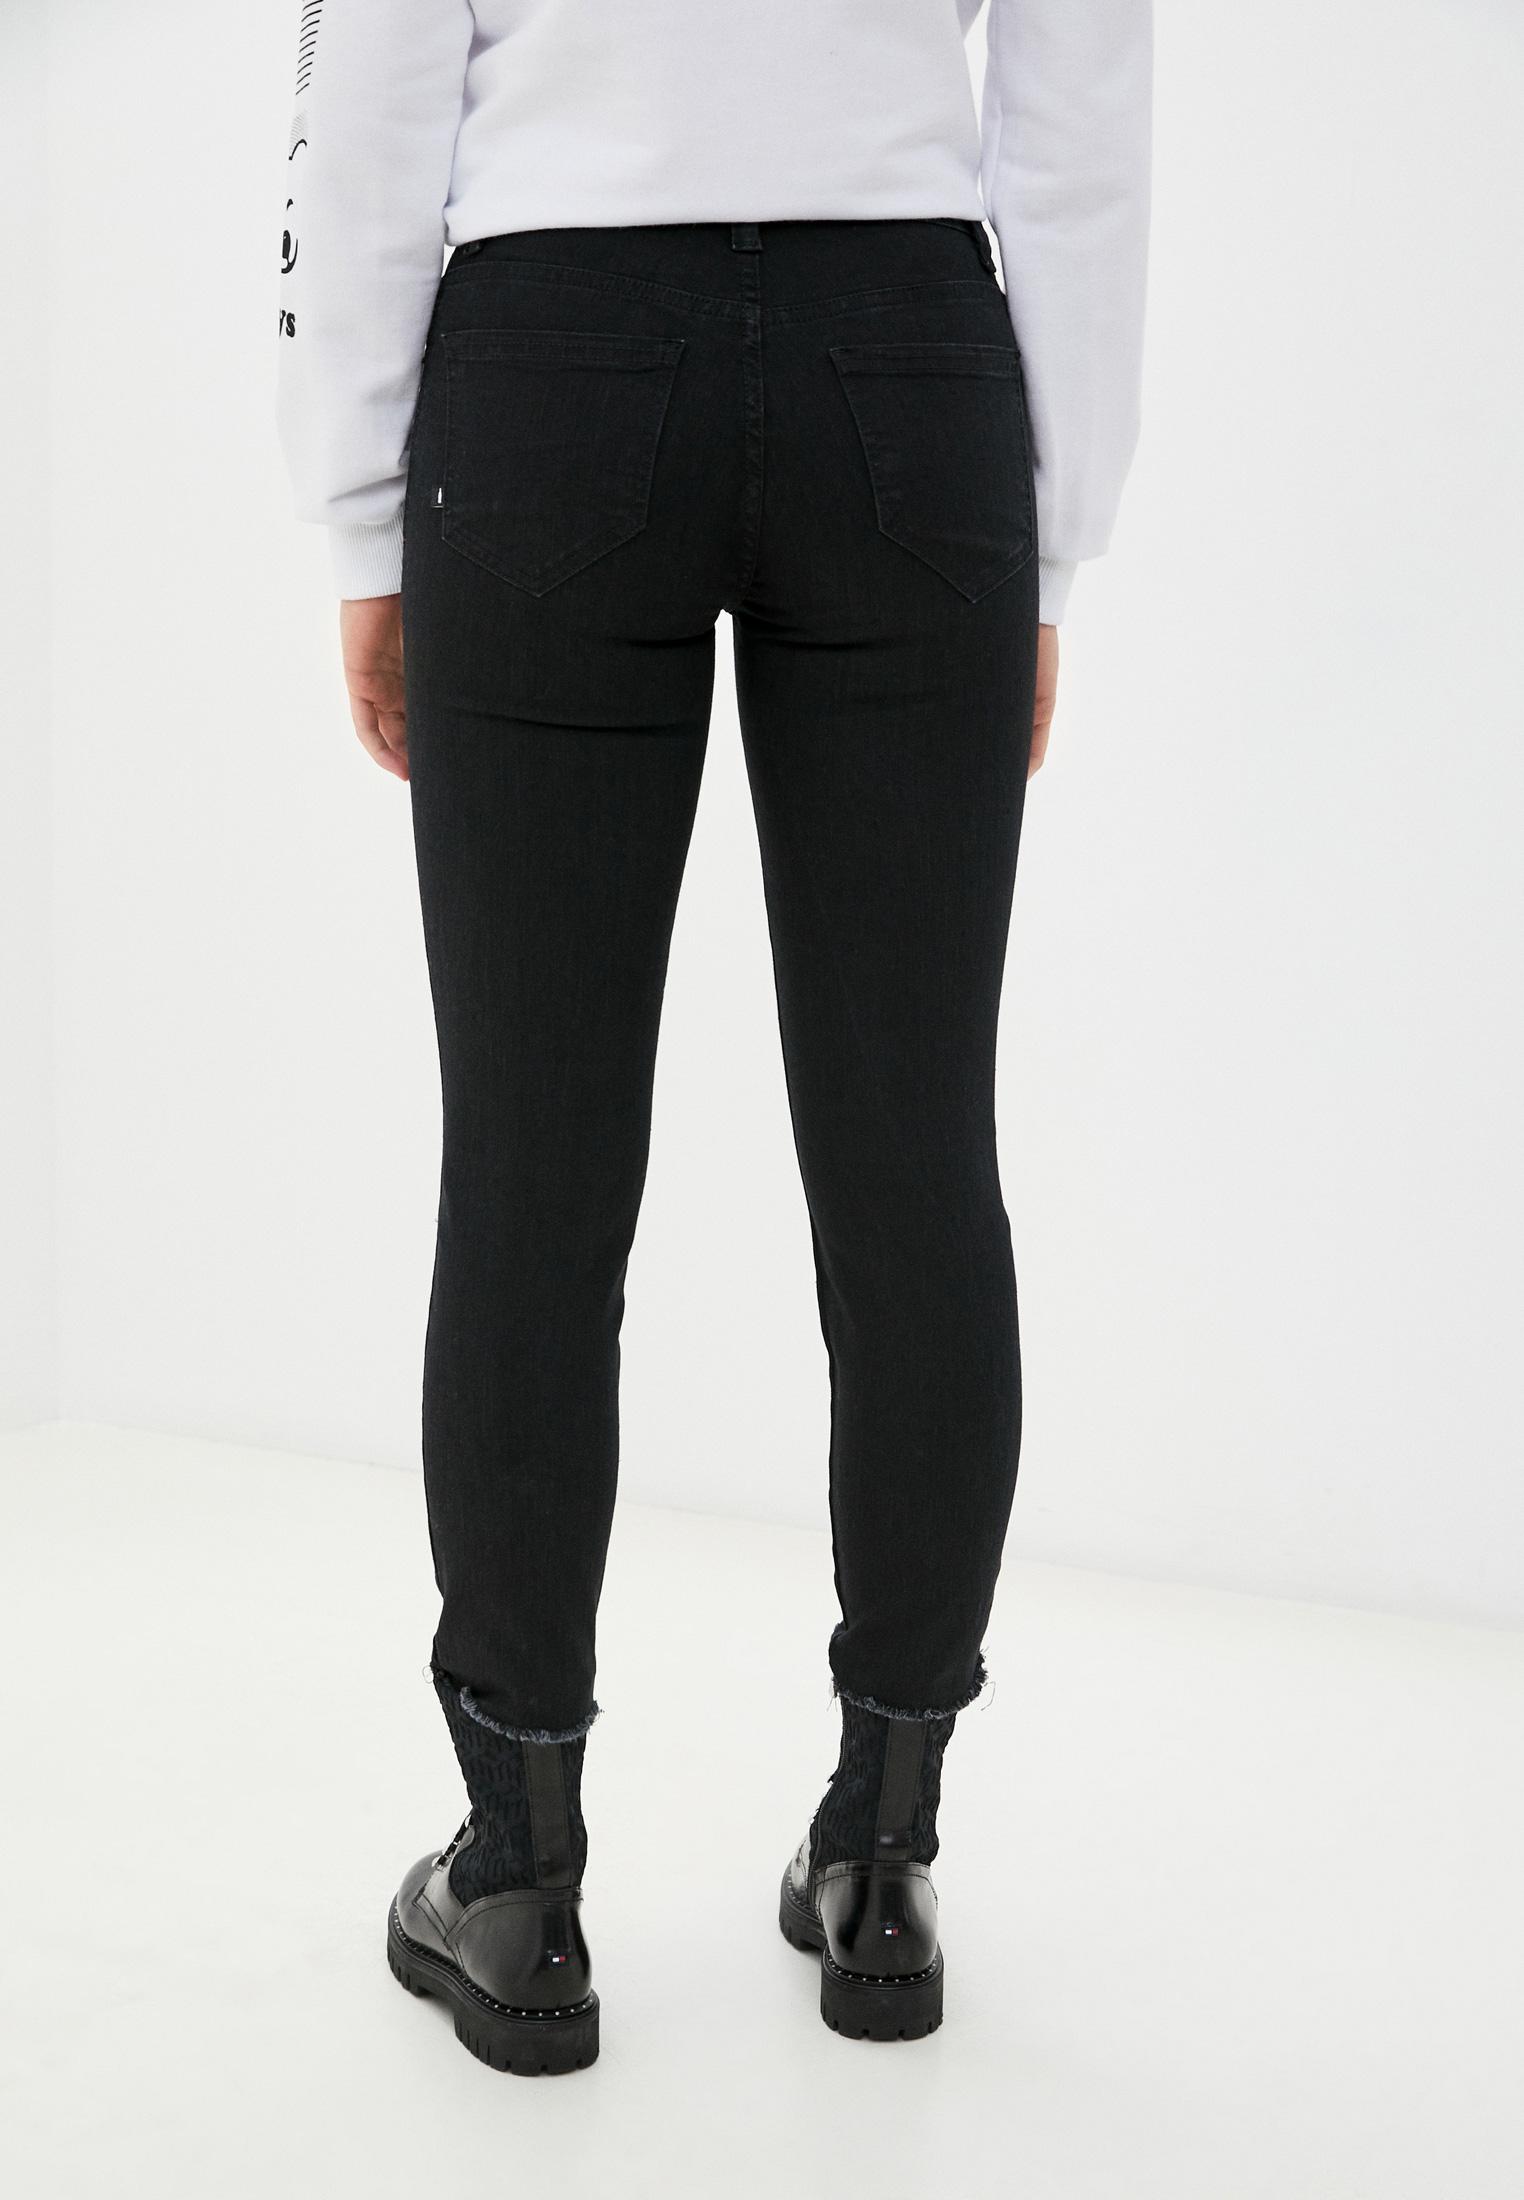 Зауженные джинсы Coca Cola Jeans 002.32.02955: изображение 3